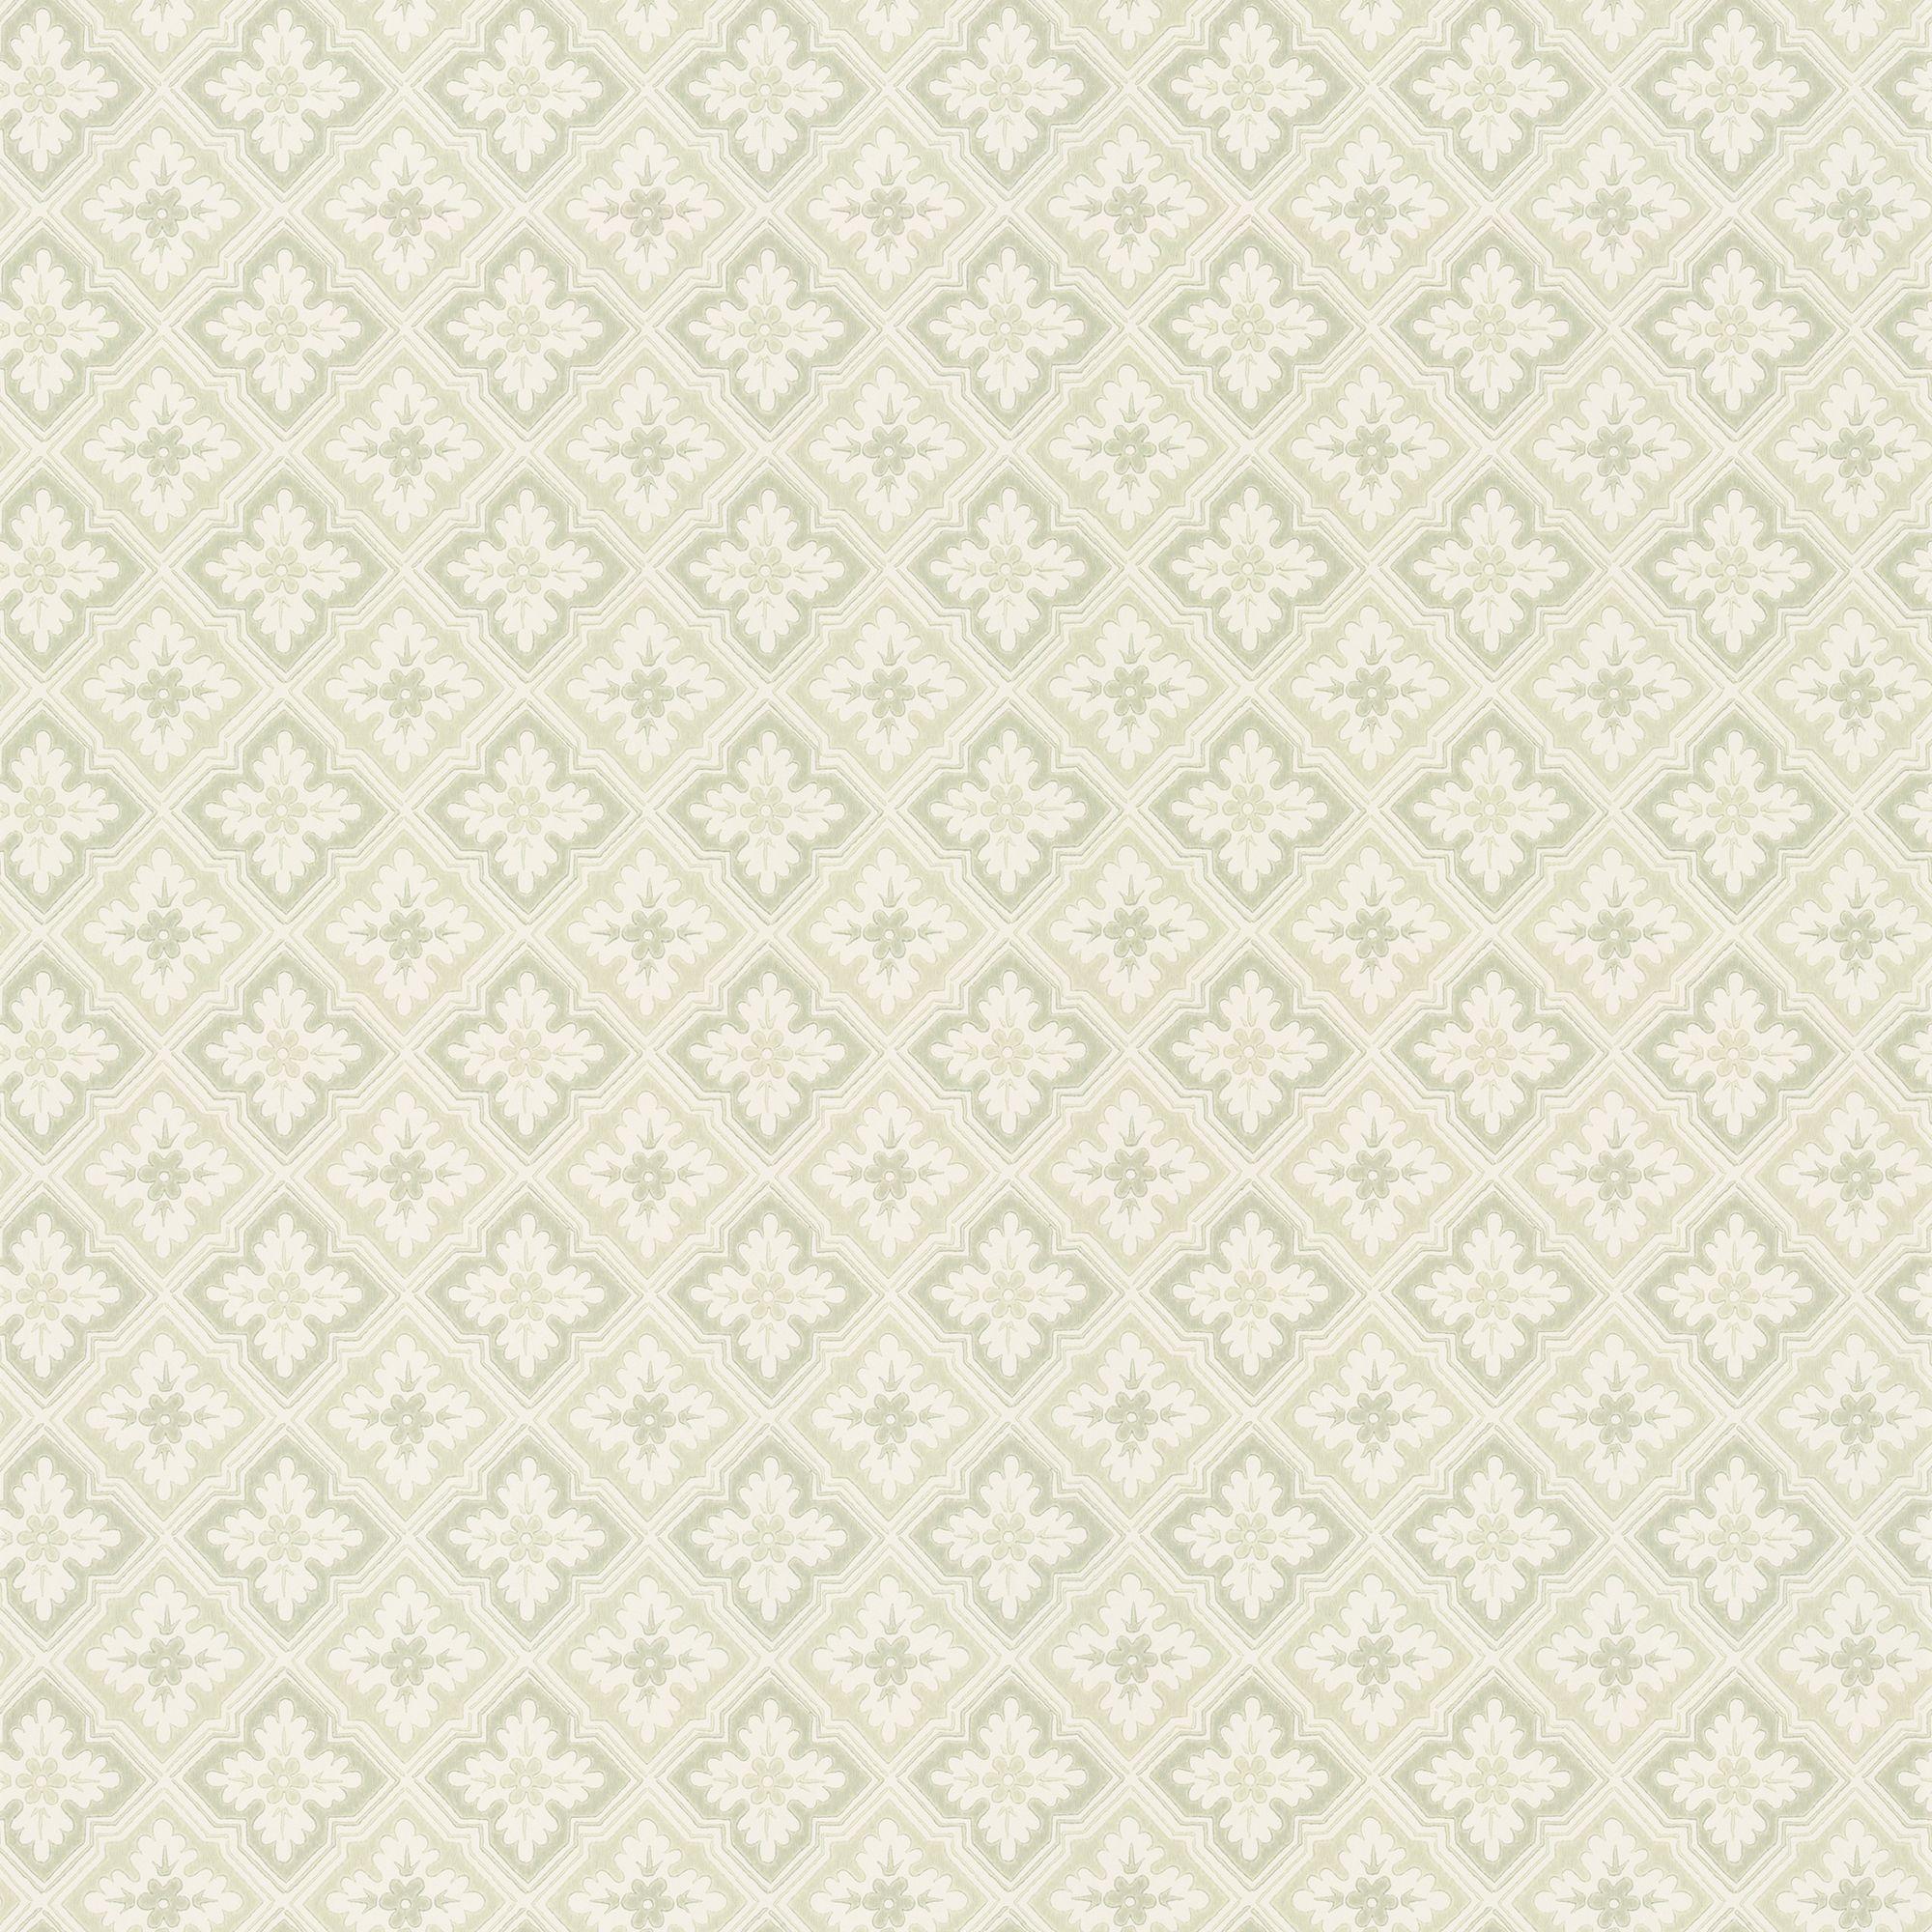 Types Of Wallpaper Coverings: Tapet Edvin Grön